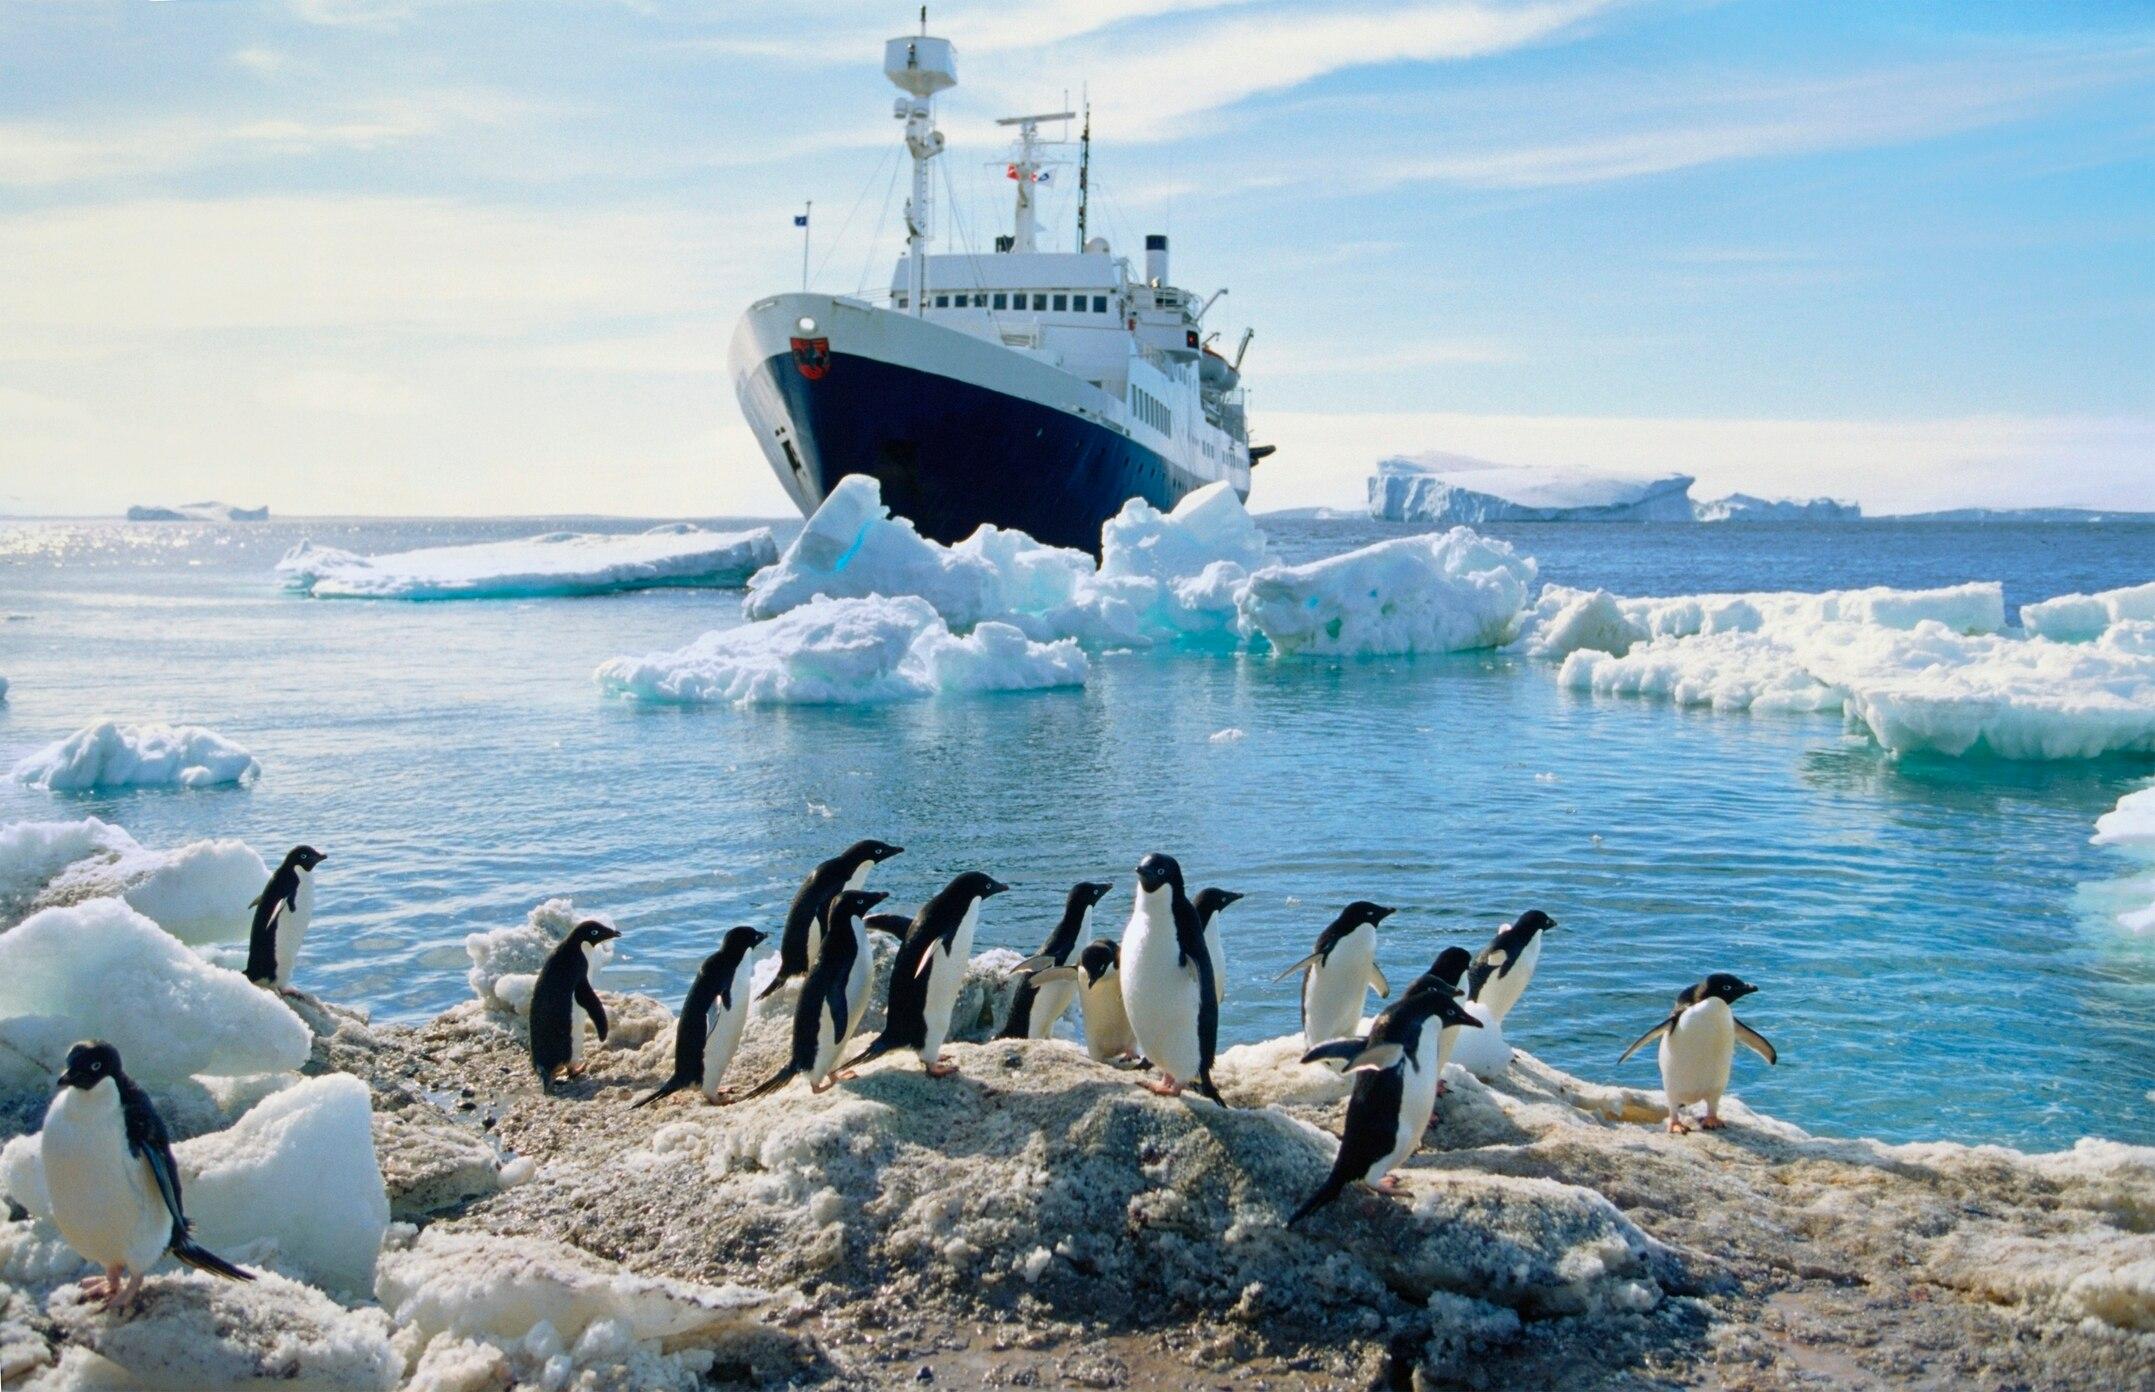 Viele Antarktis-Urlauber freuen sich besonders auf Begnungen mit Pinguinen – doch es müssen Regeln beachtet werden